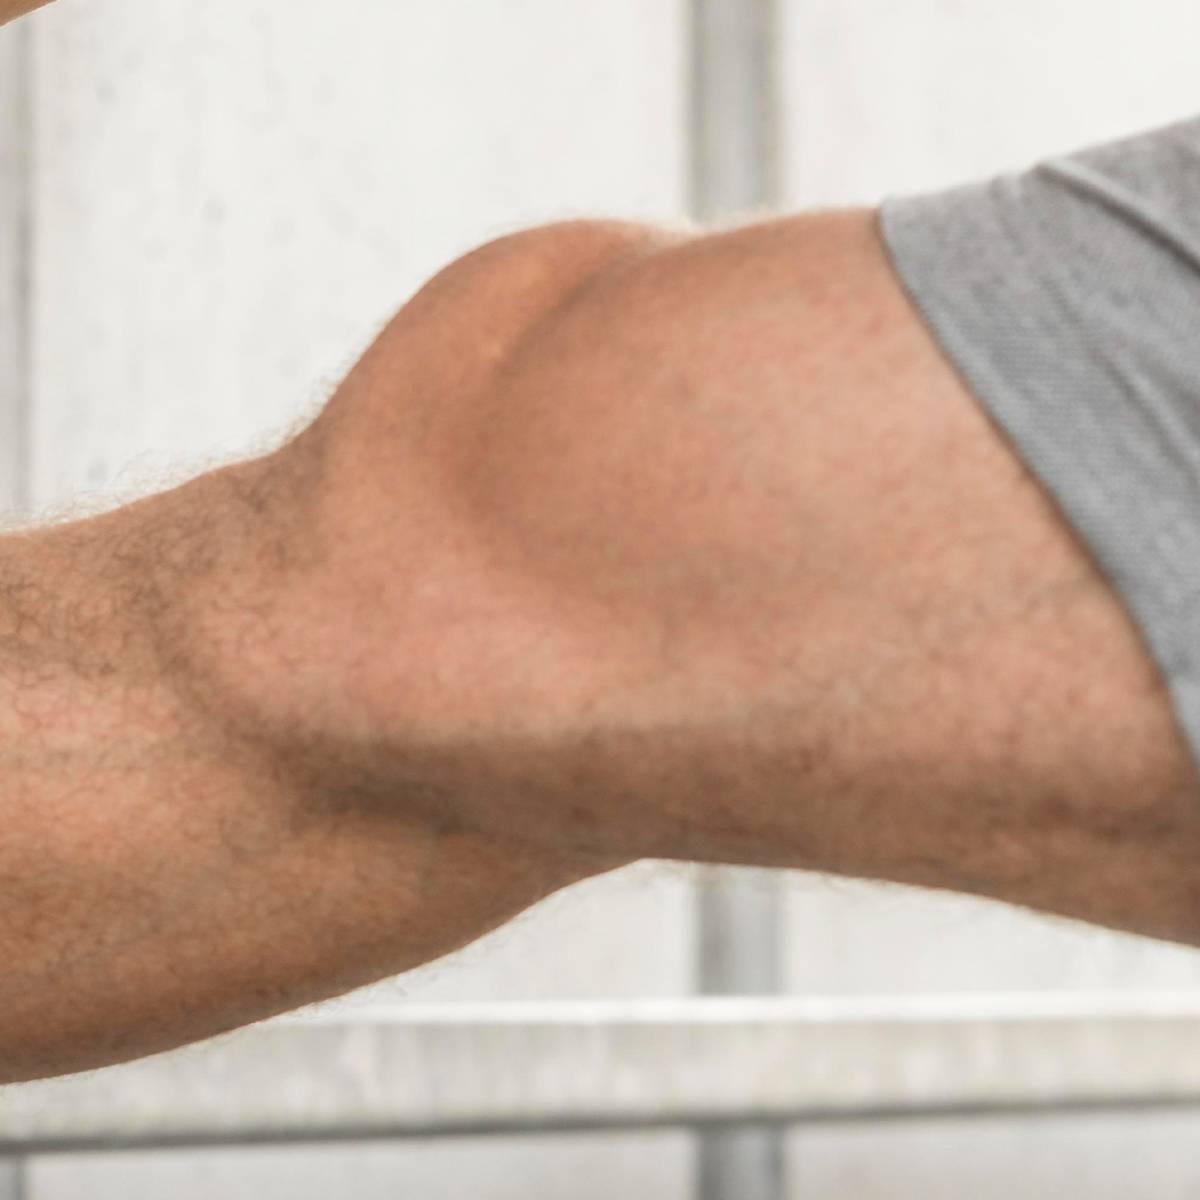 les muscles stabilisent le genou